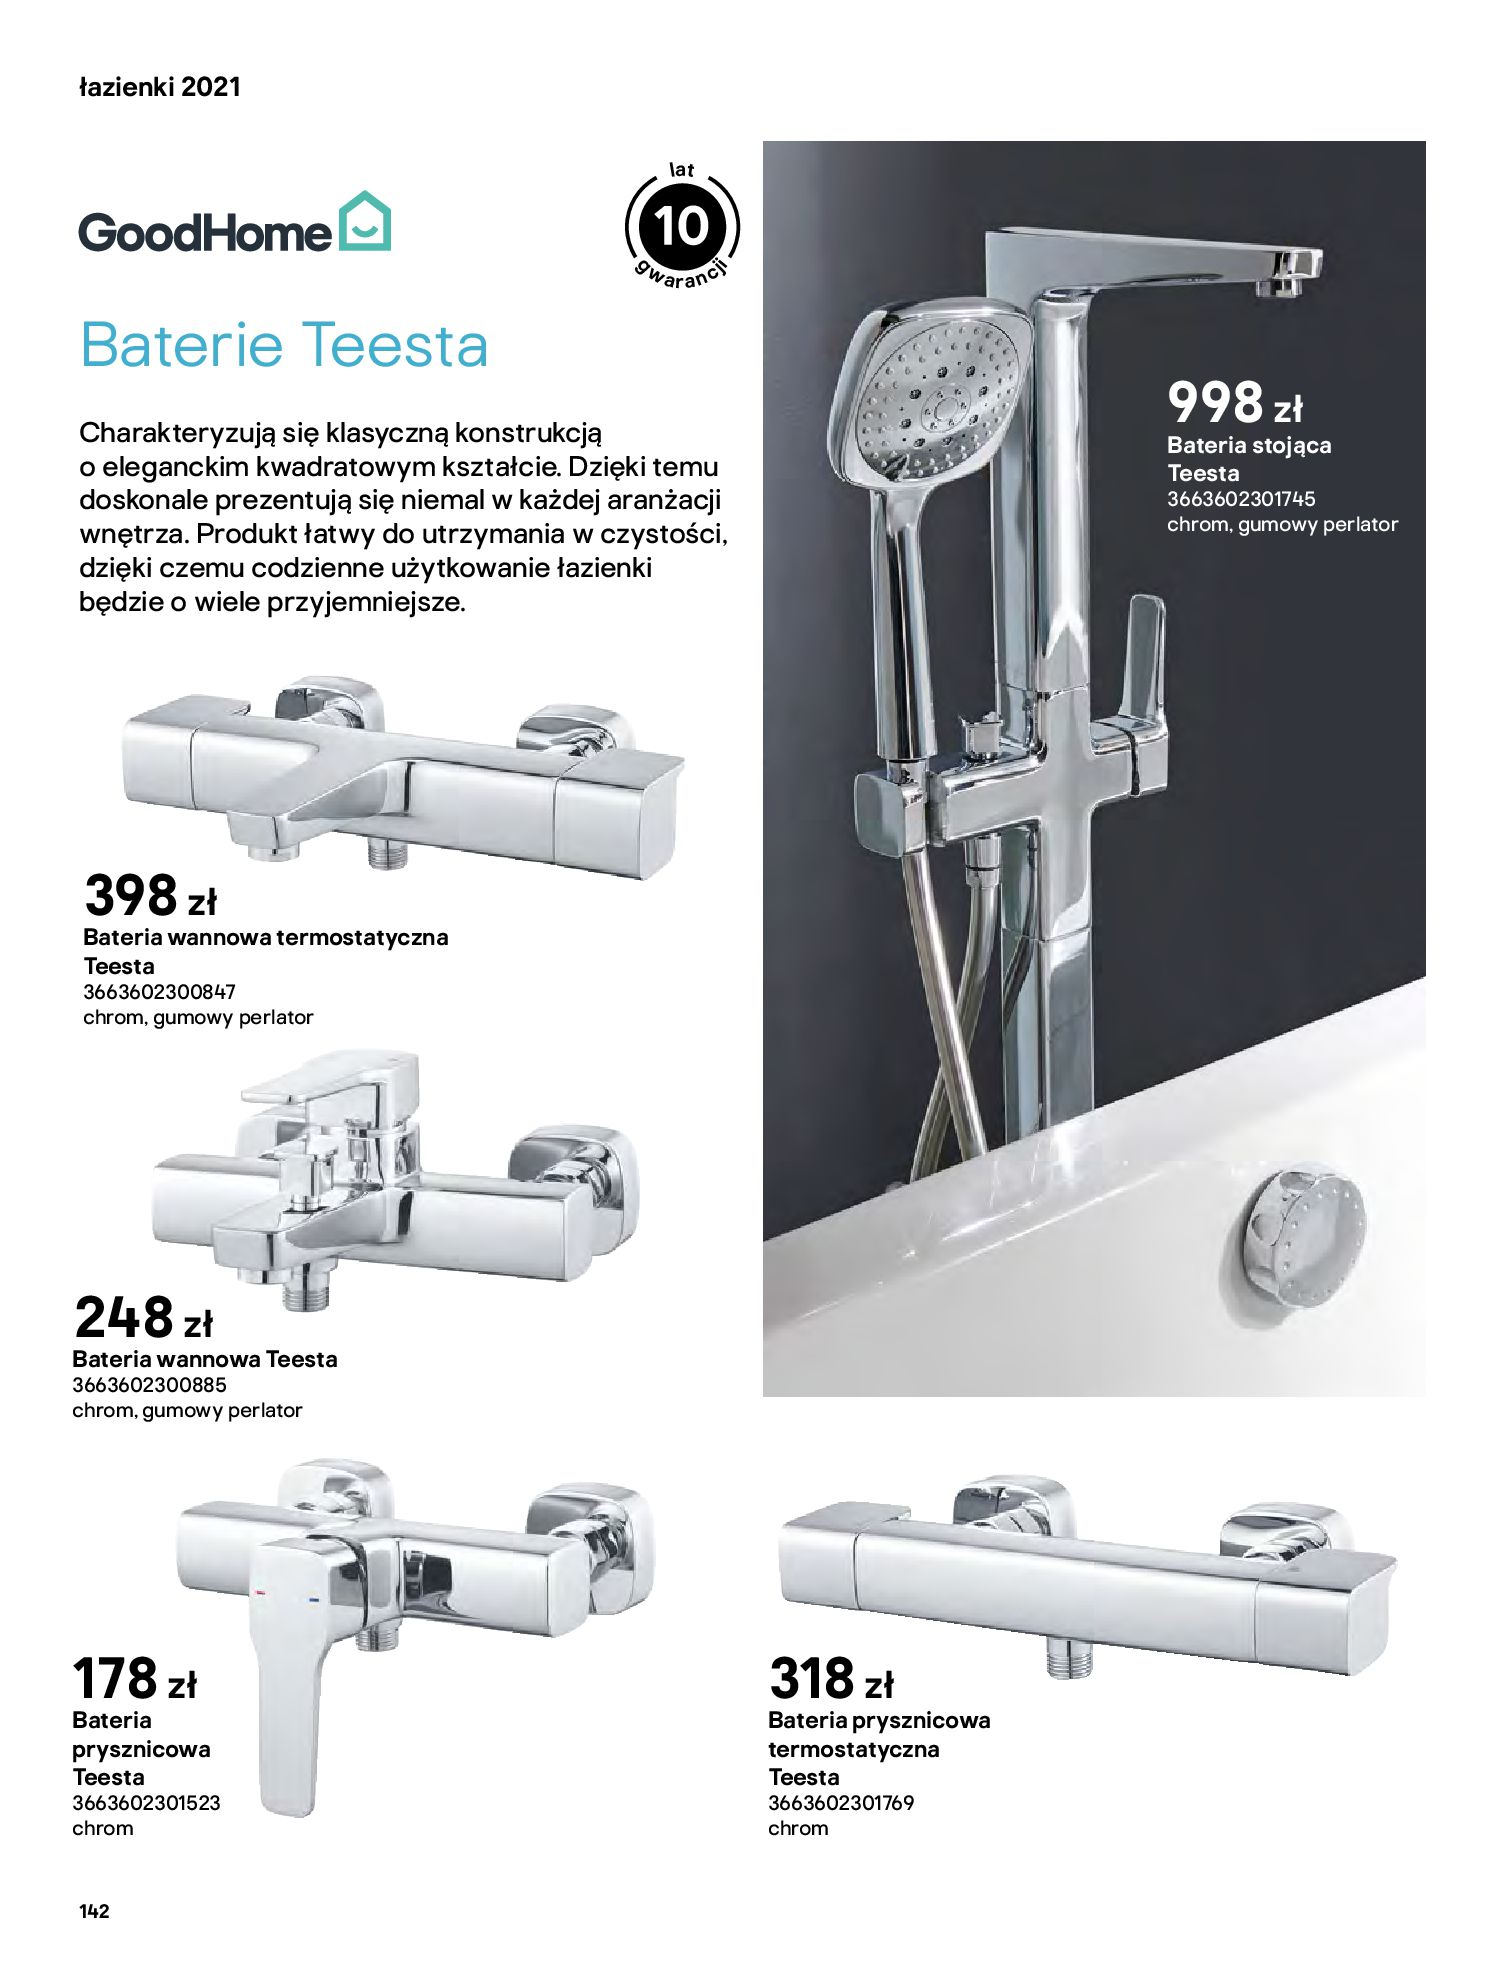 Gazetka Castorama: Gazetka Castorama - katalog łazienki 2021 2021-06-16 page-142